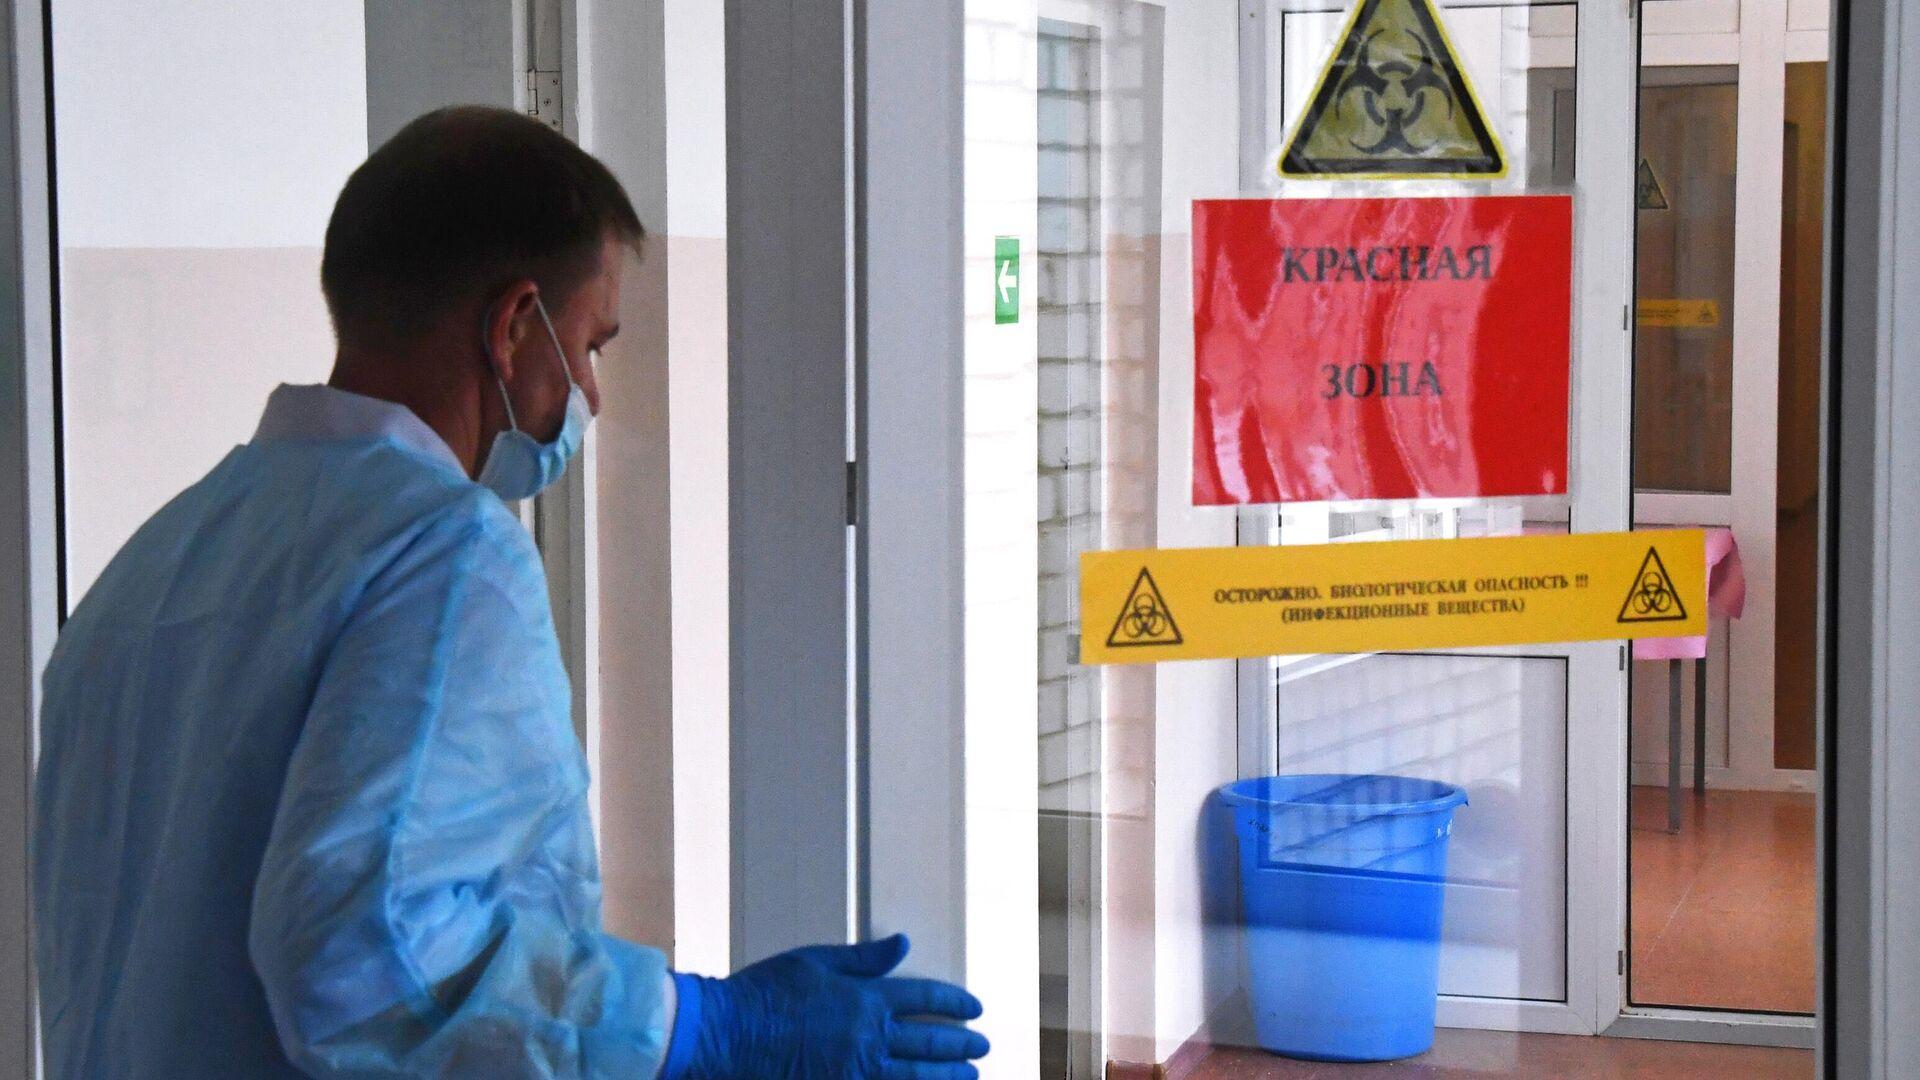 Медицинский работник во время подготовки к открытию госпиталя для пациентов с коронавирусной инфекцией  - РИА Новости, 1920, 18.06.2021